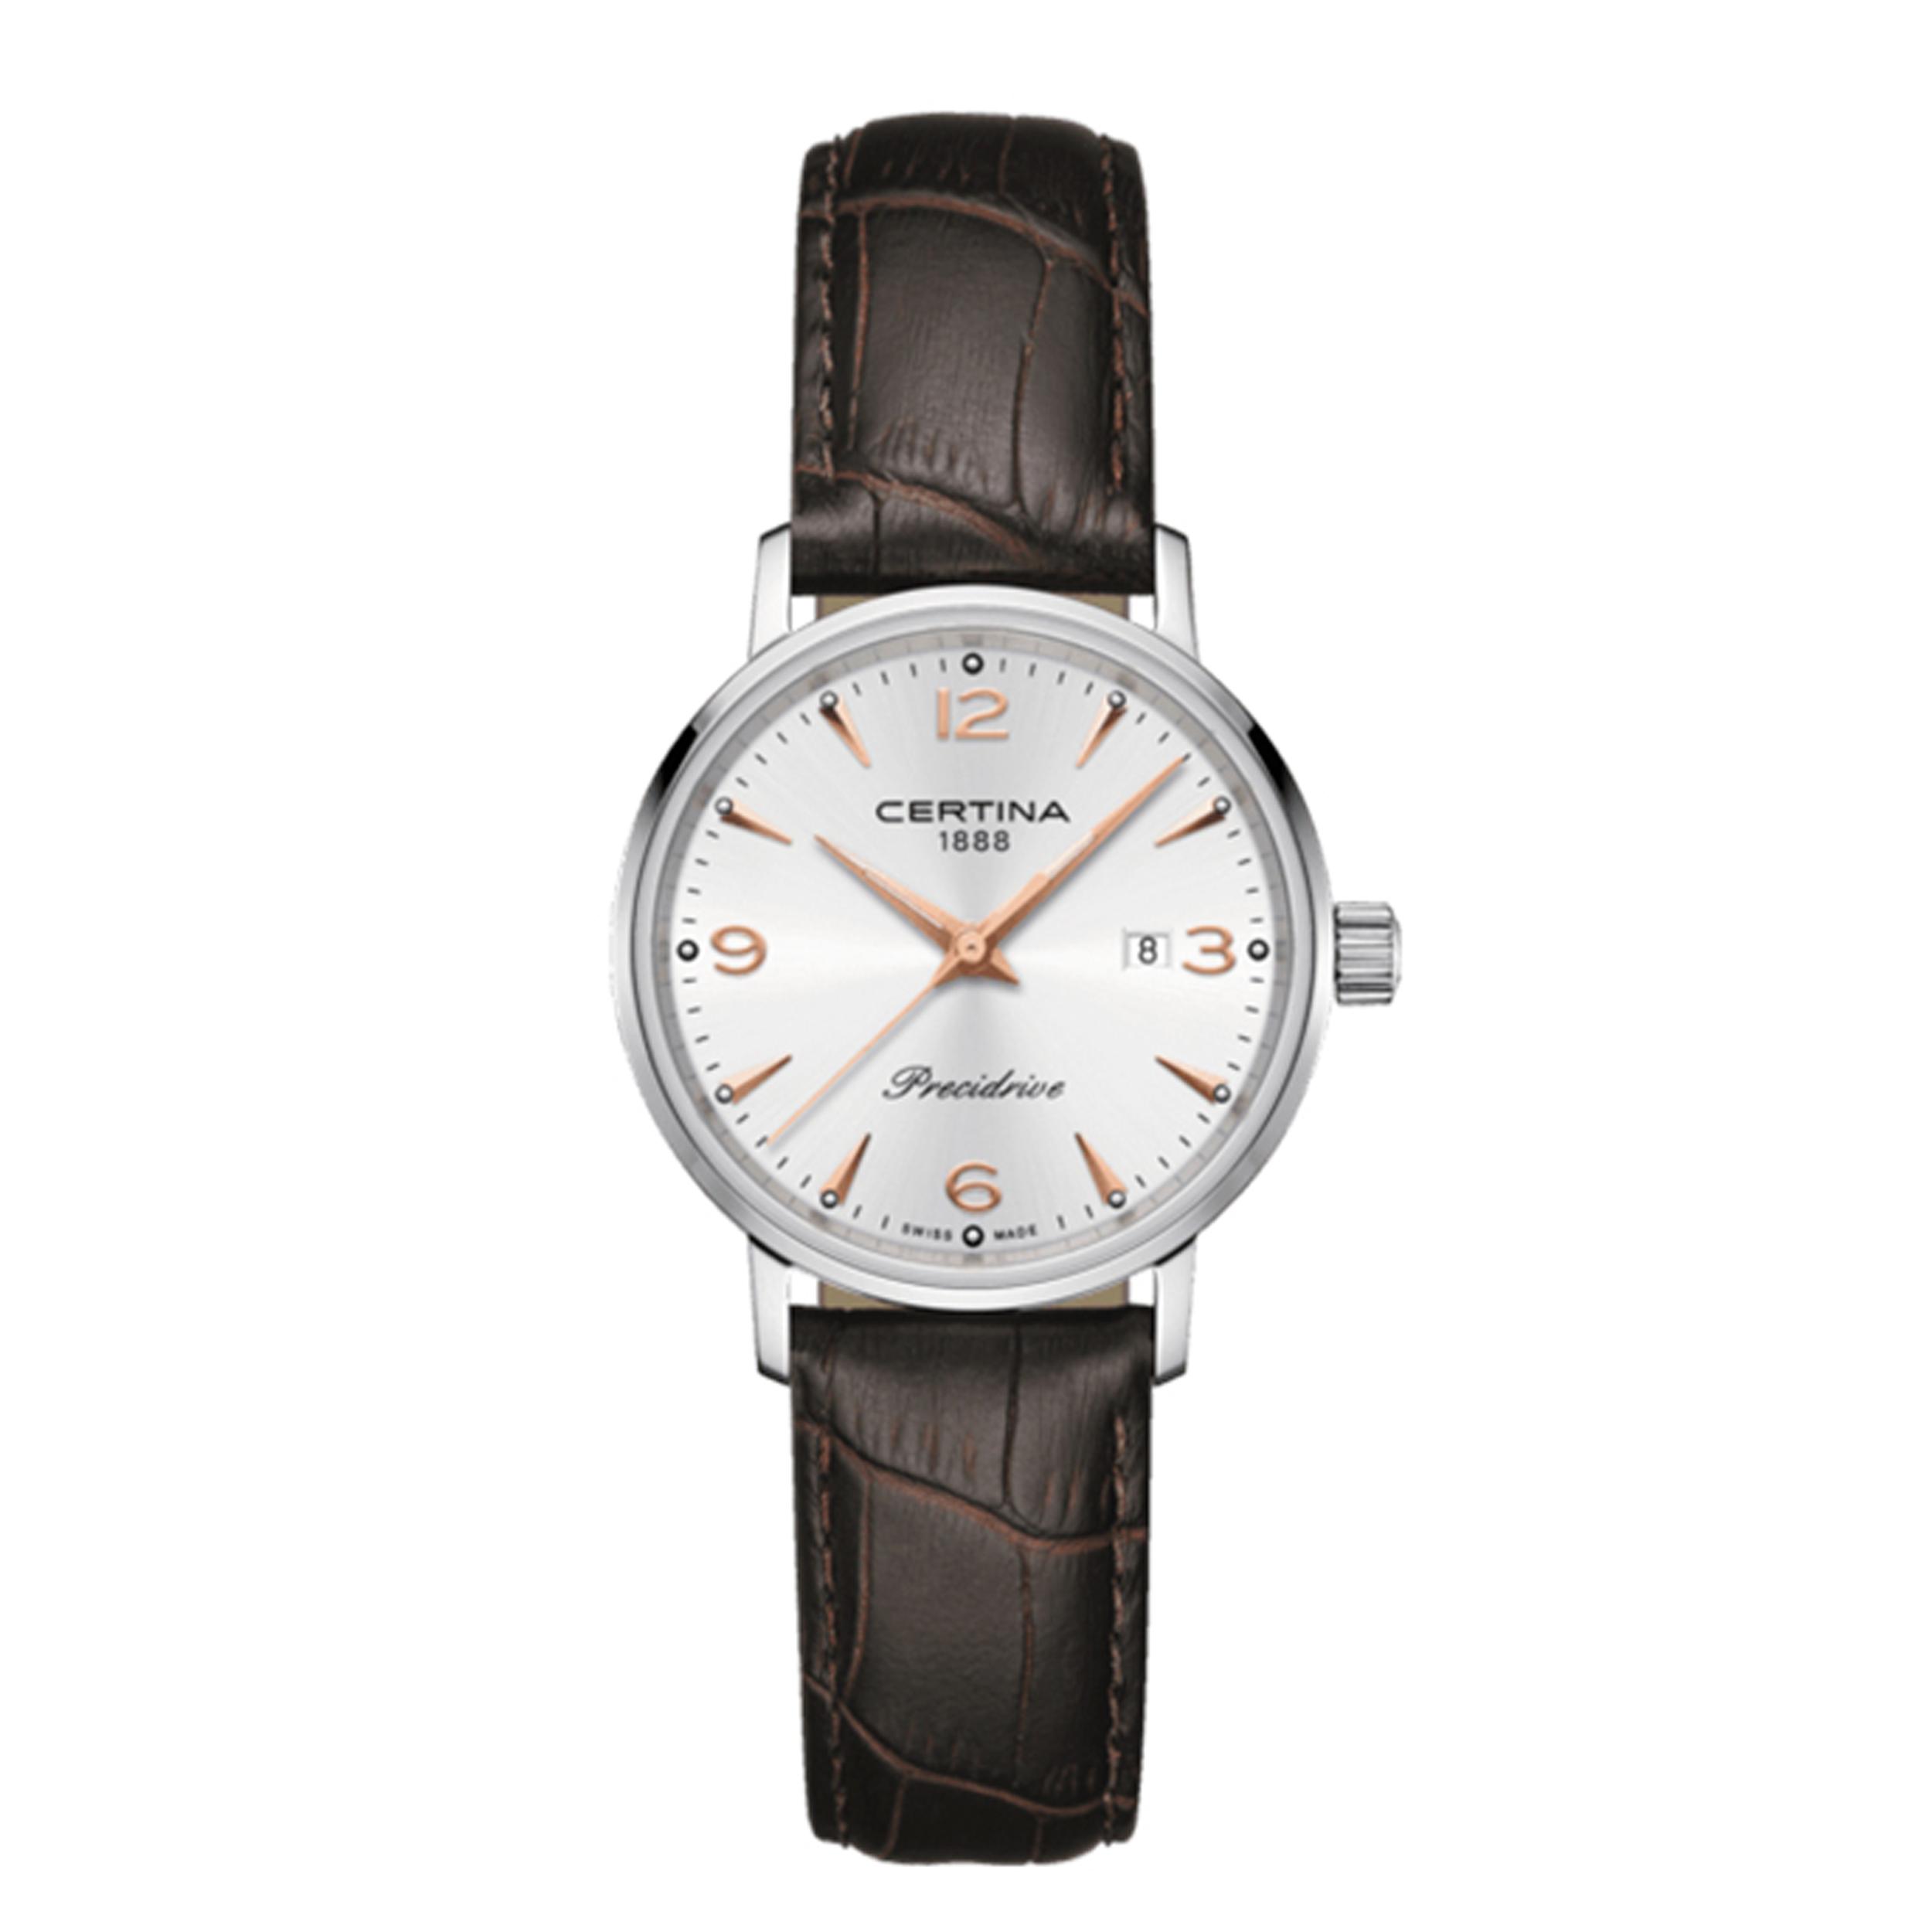 ساعت مچی عقربه ای زنانه سرتینا مدل C0352101603701